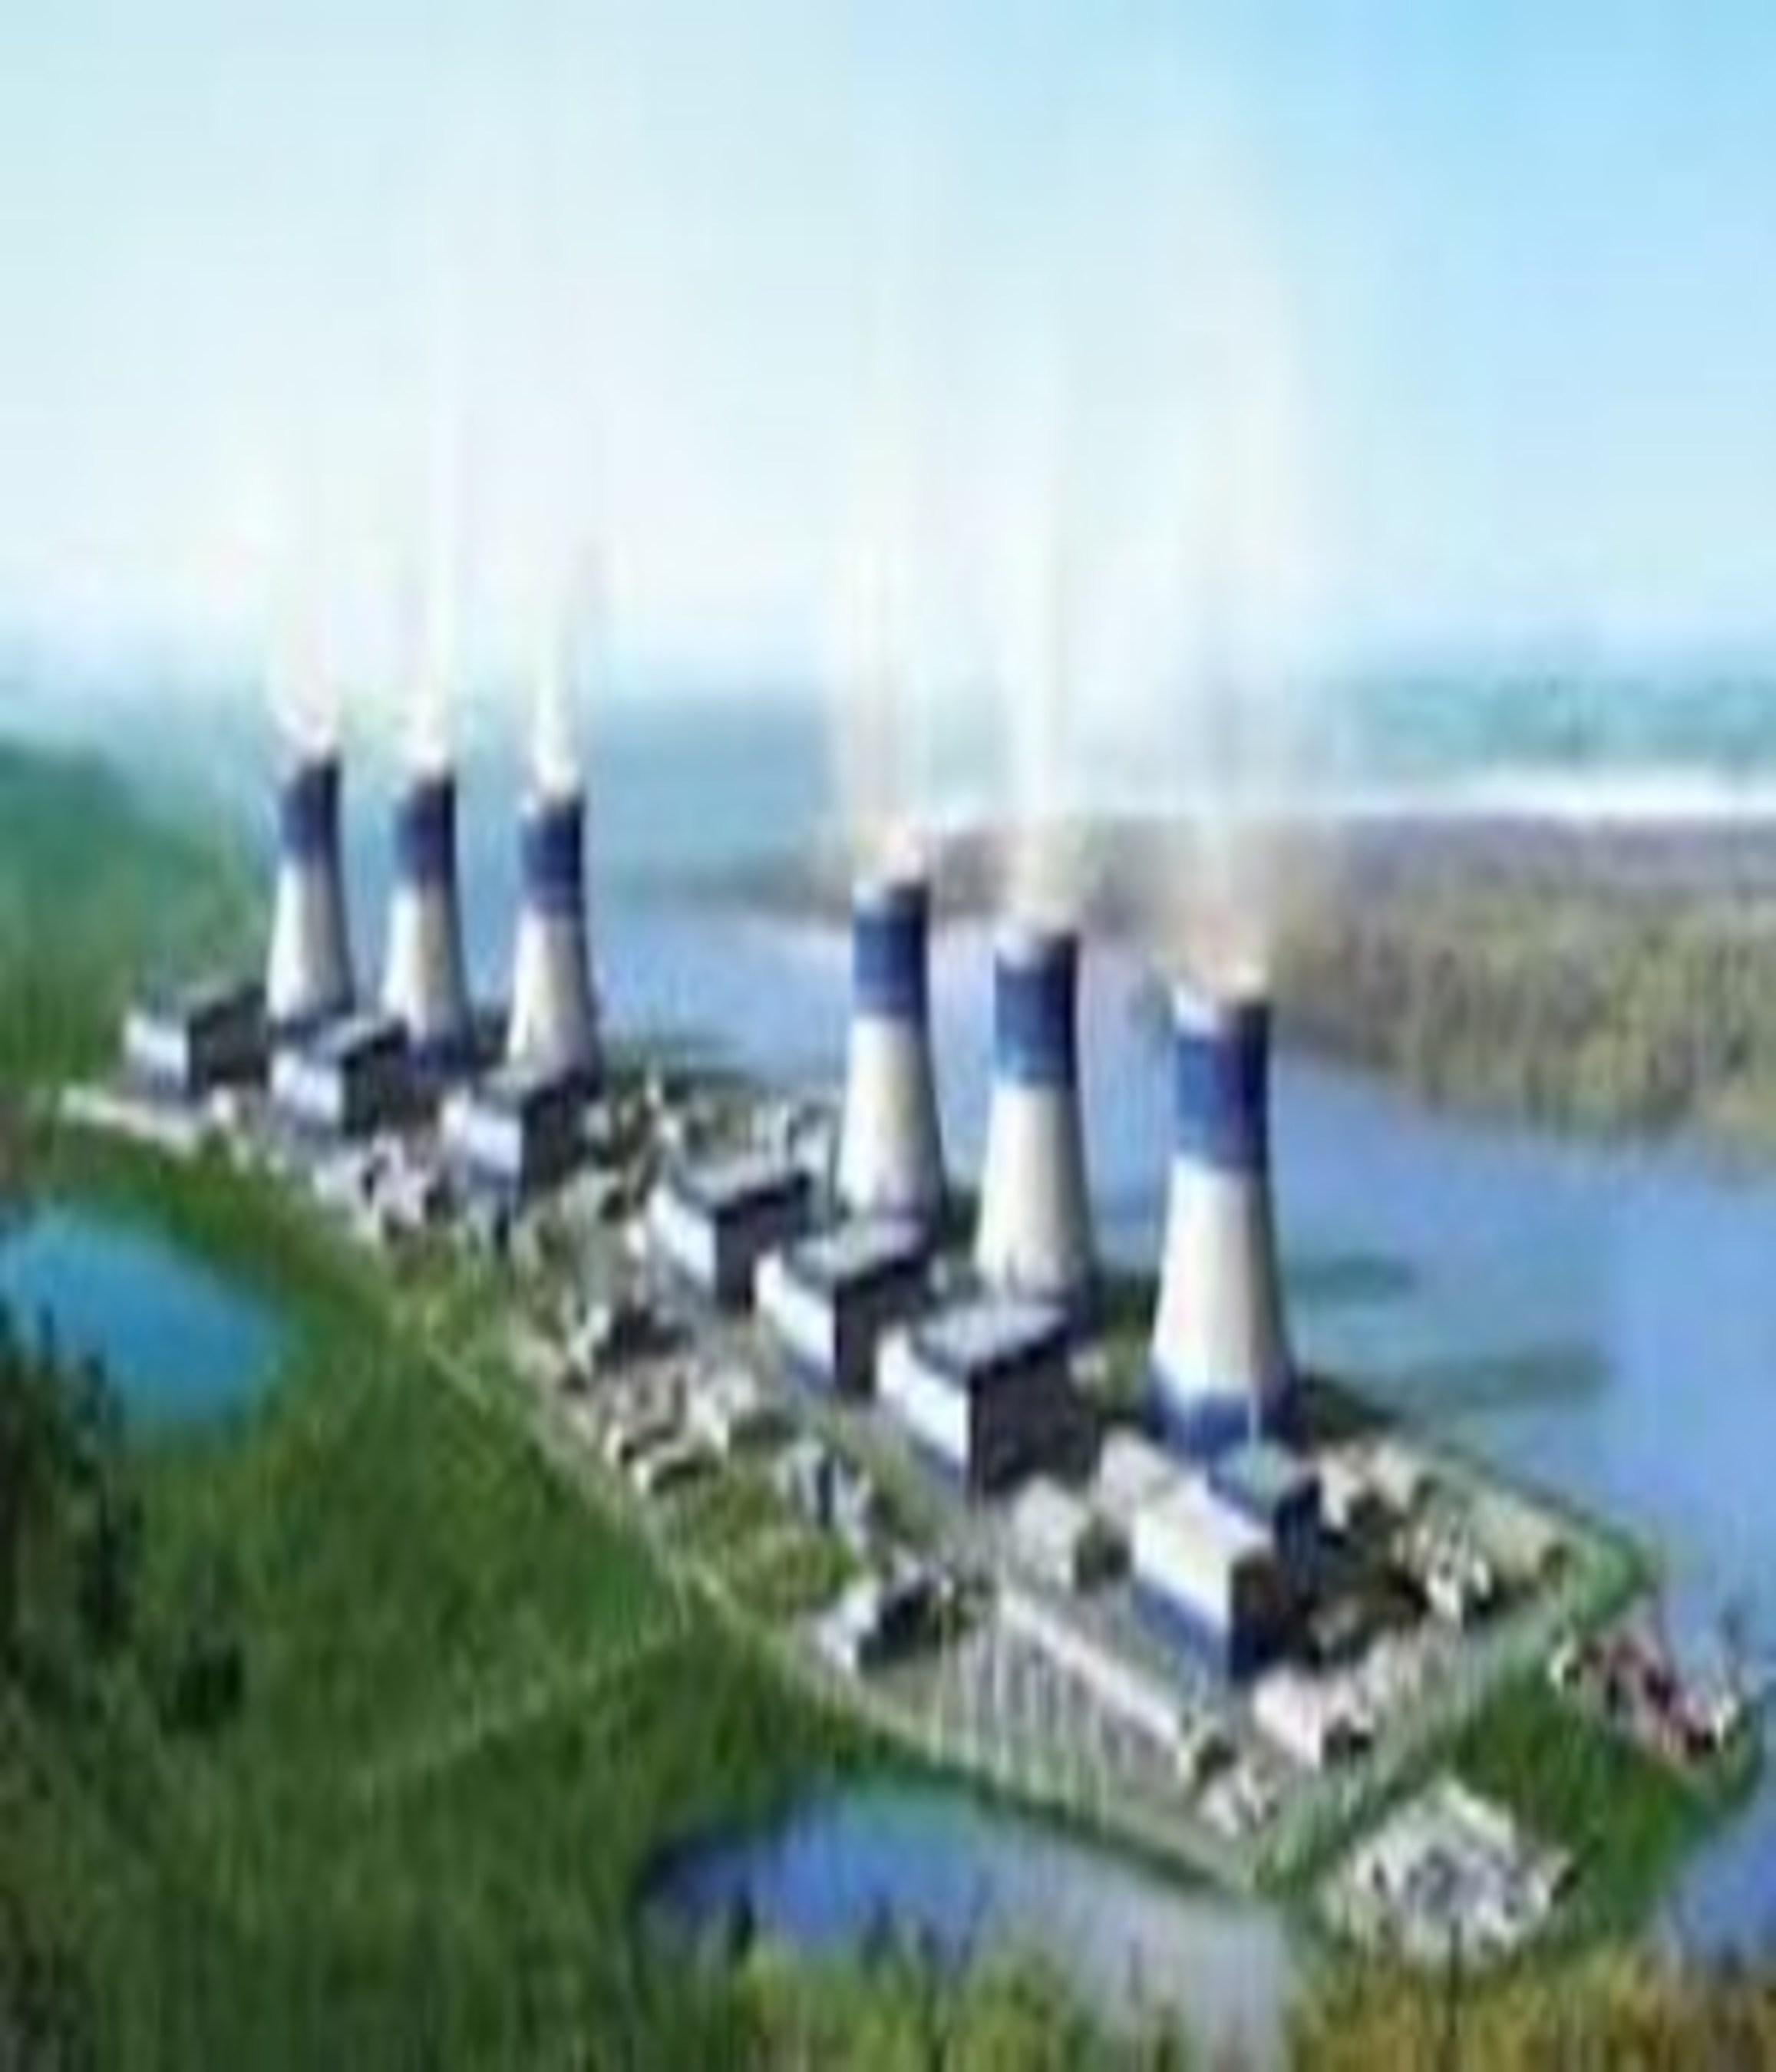 Energy/Public Utility